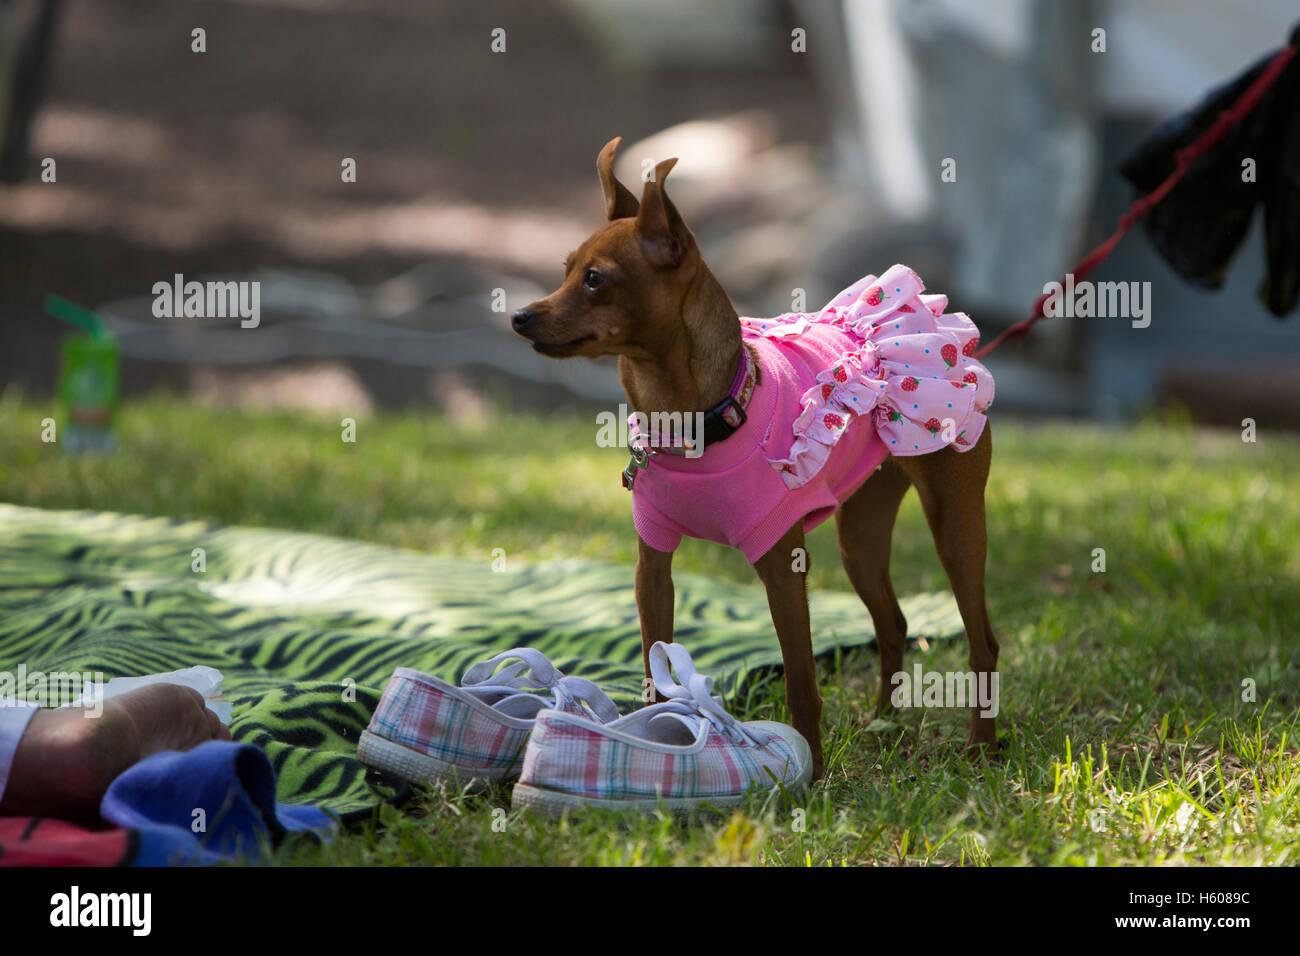 Small dog wearing a dress. - Stock Image